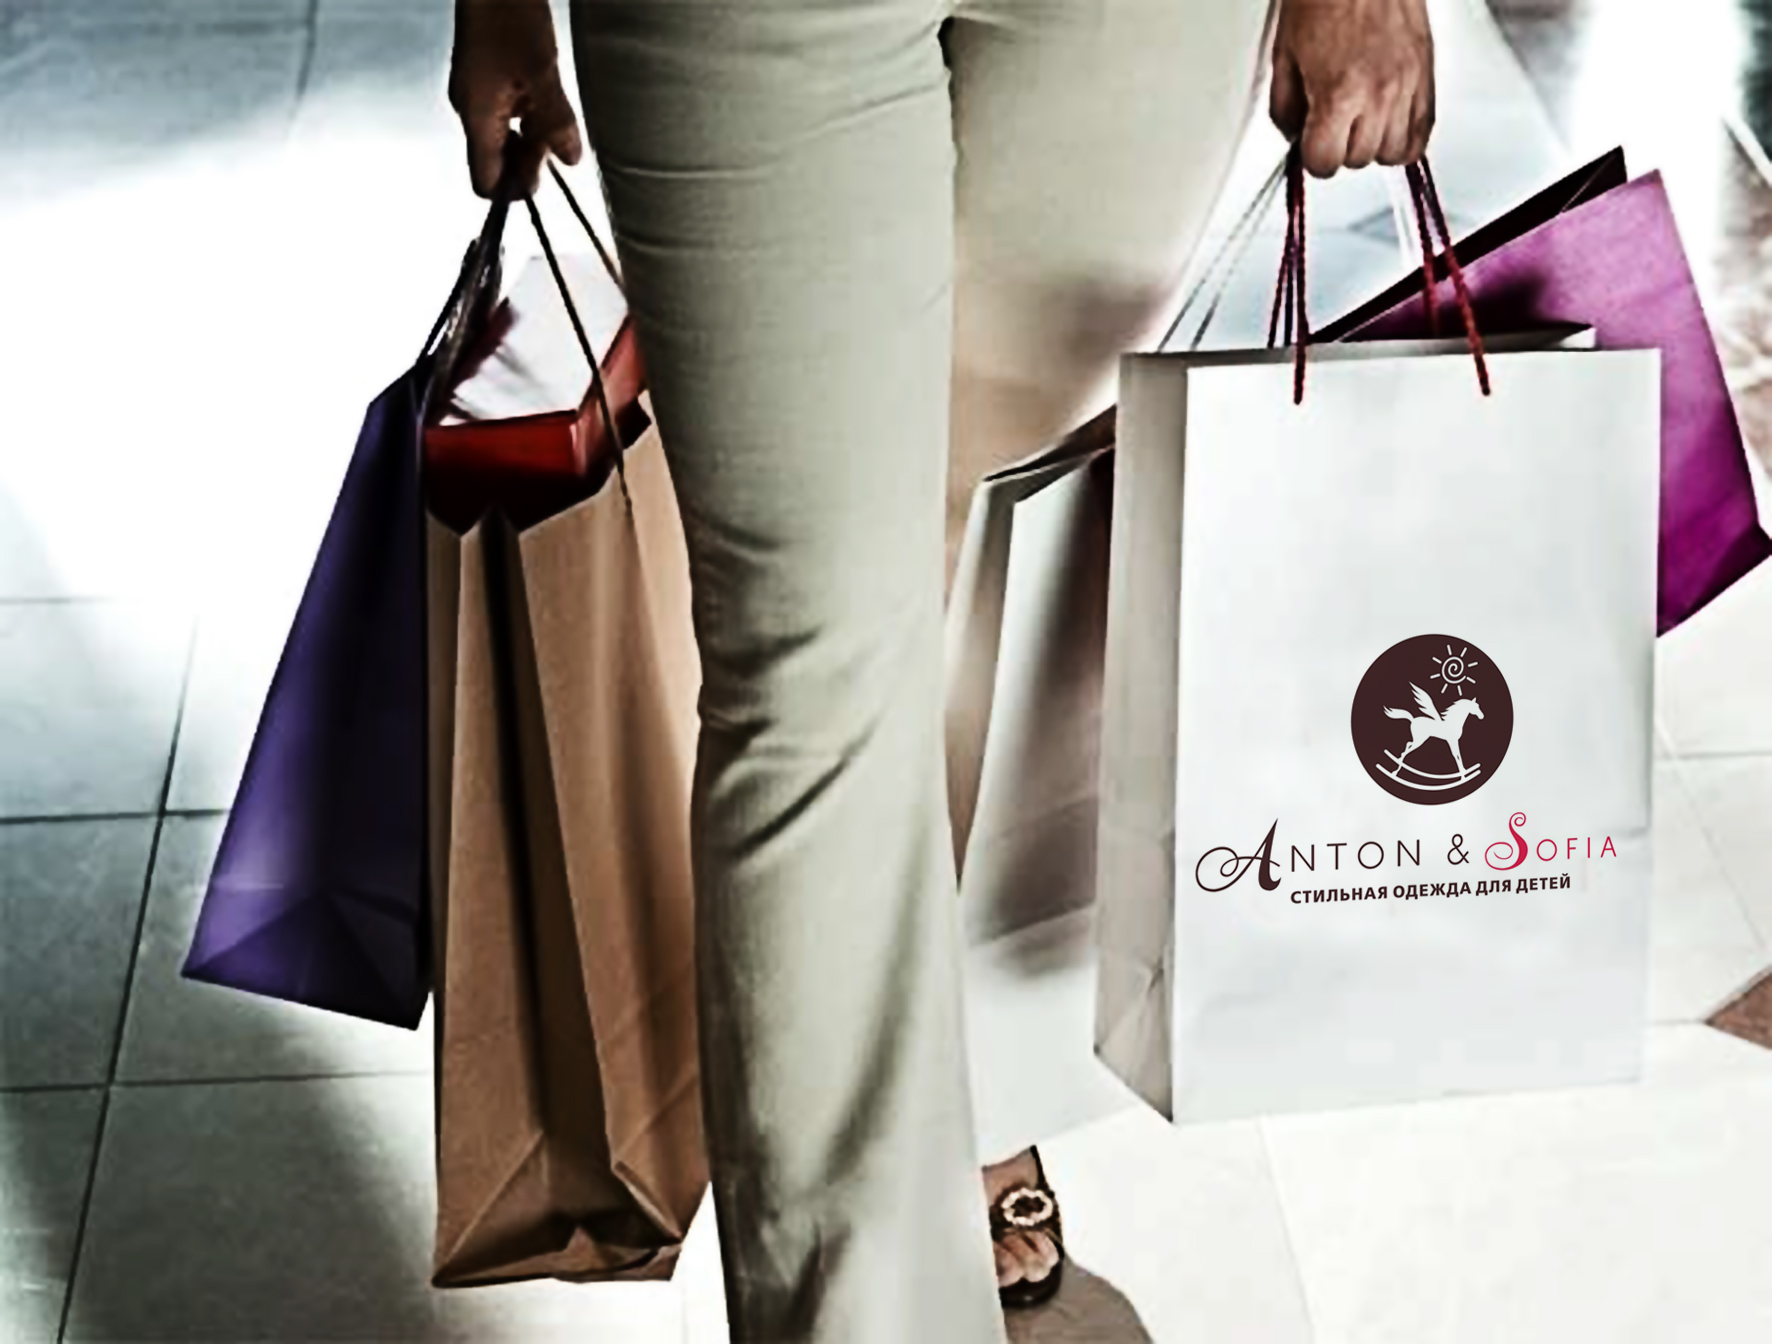 Логотип и вывеска для магазина детской одежды фото f_4c836b347a99c.jpg